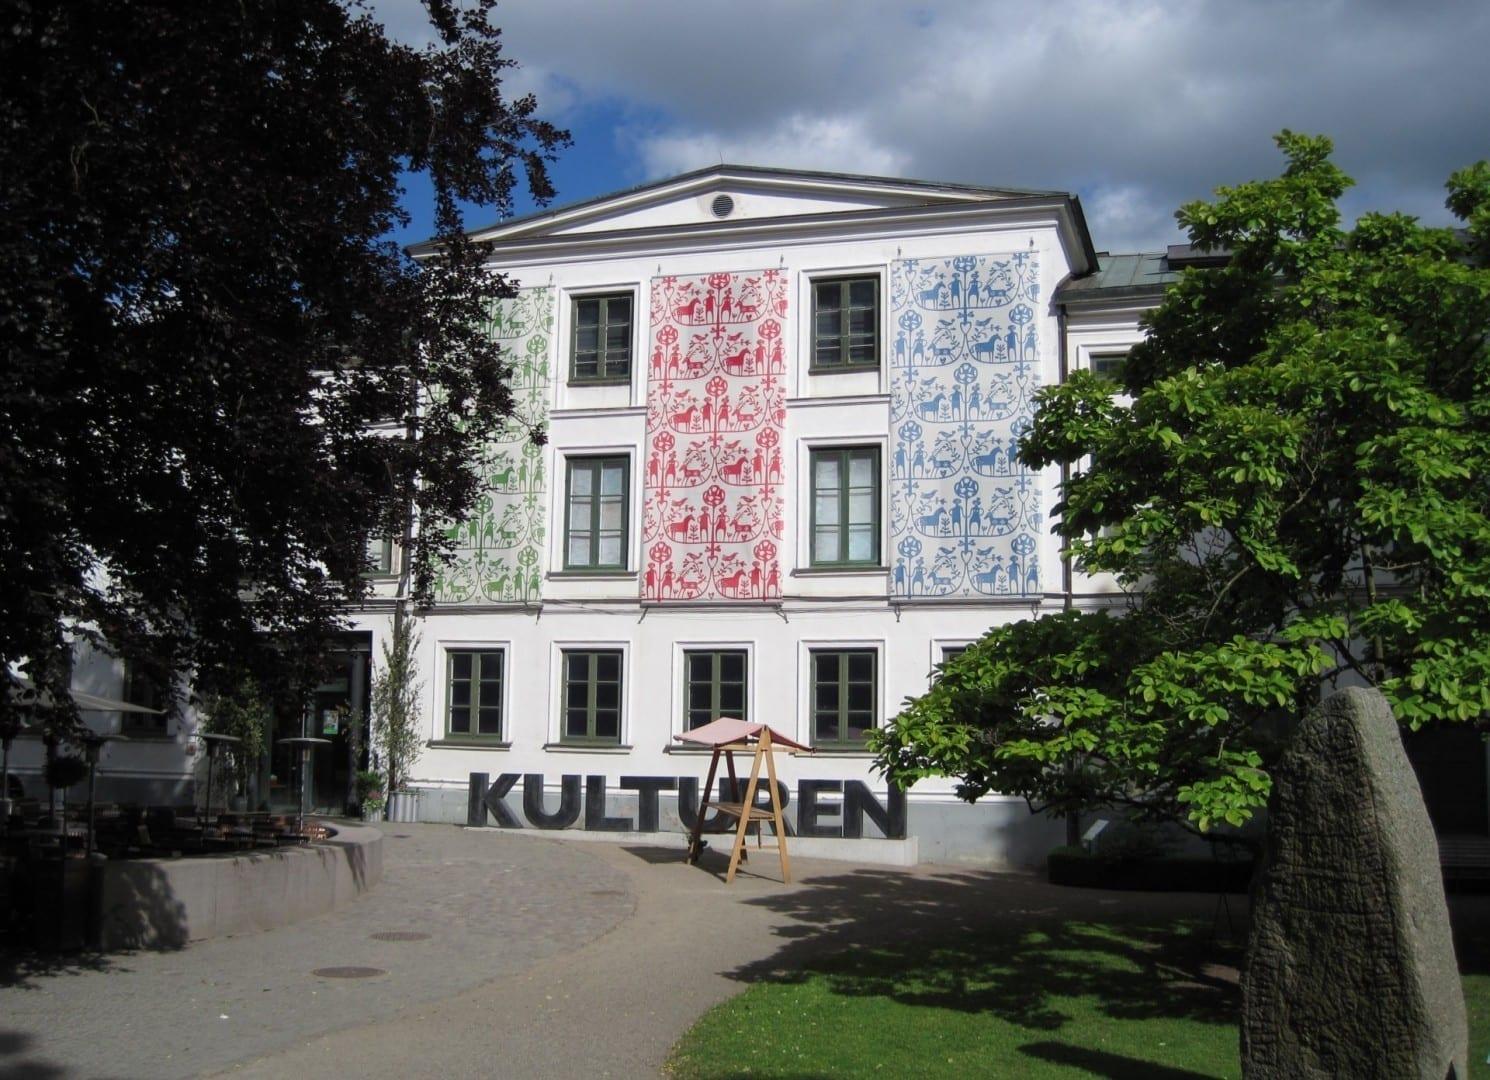 El edificio principal de Kulturen. Lund Suecia